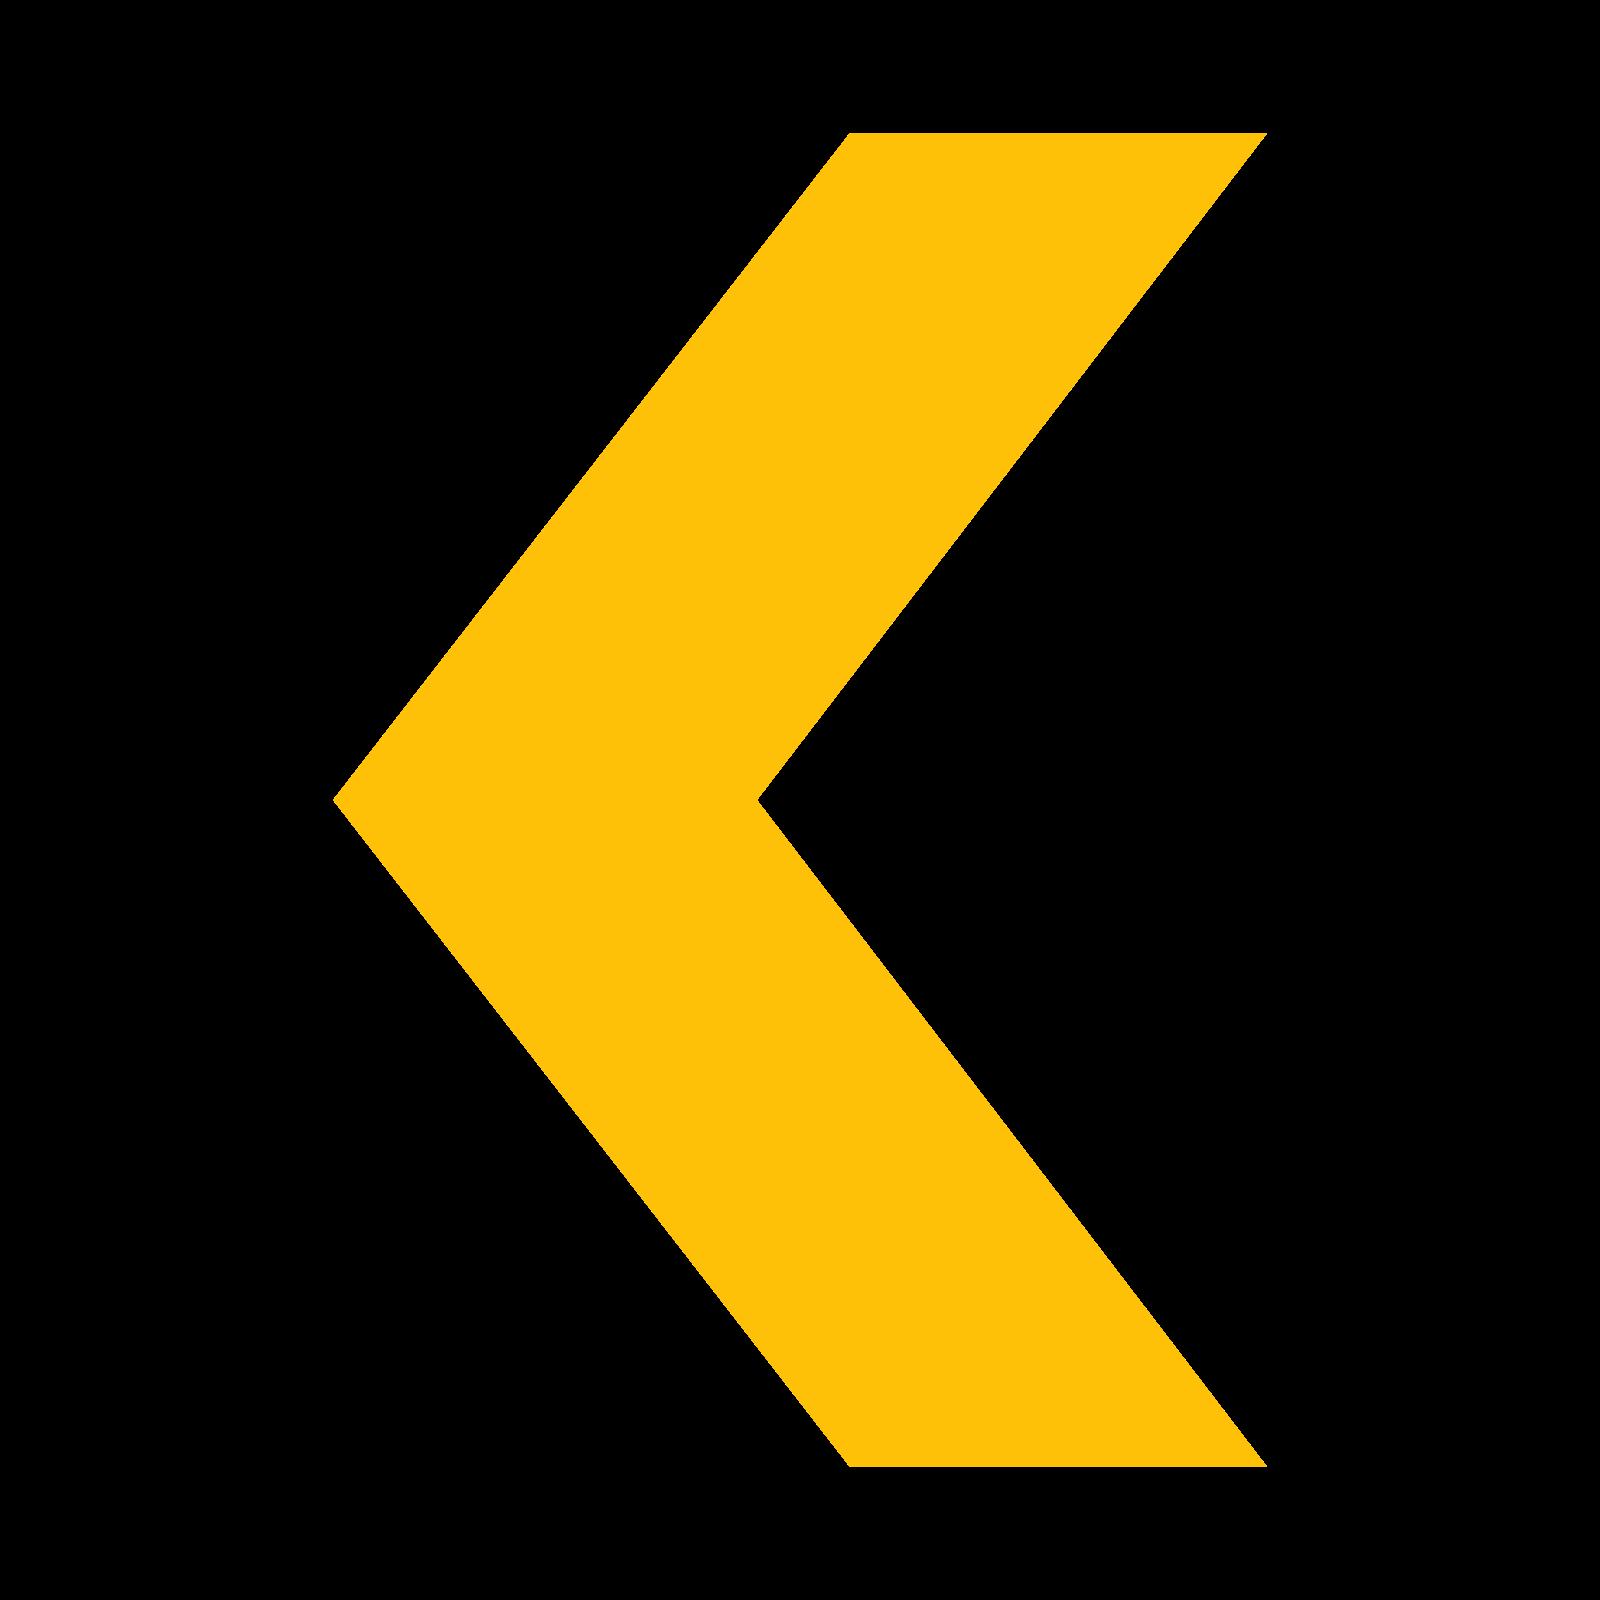 Chevron Esquerda icon